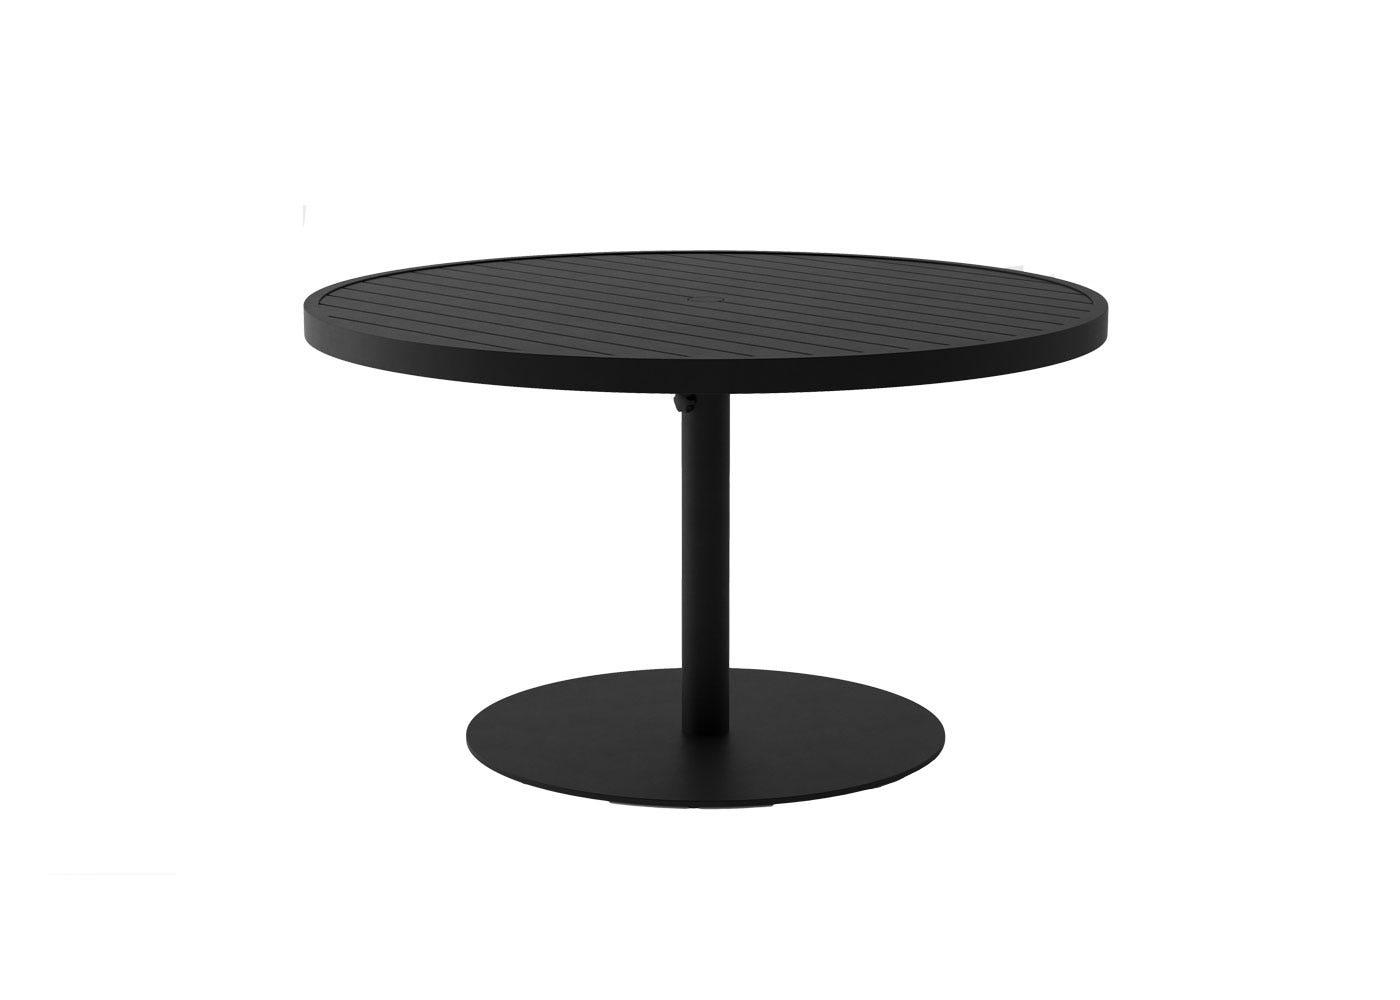 EOS Circular Outdoor Dining Table - Black